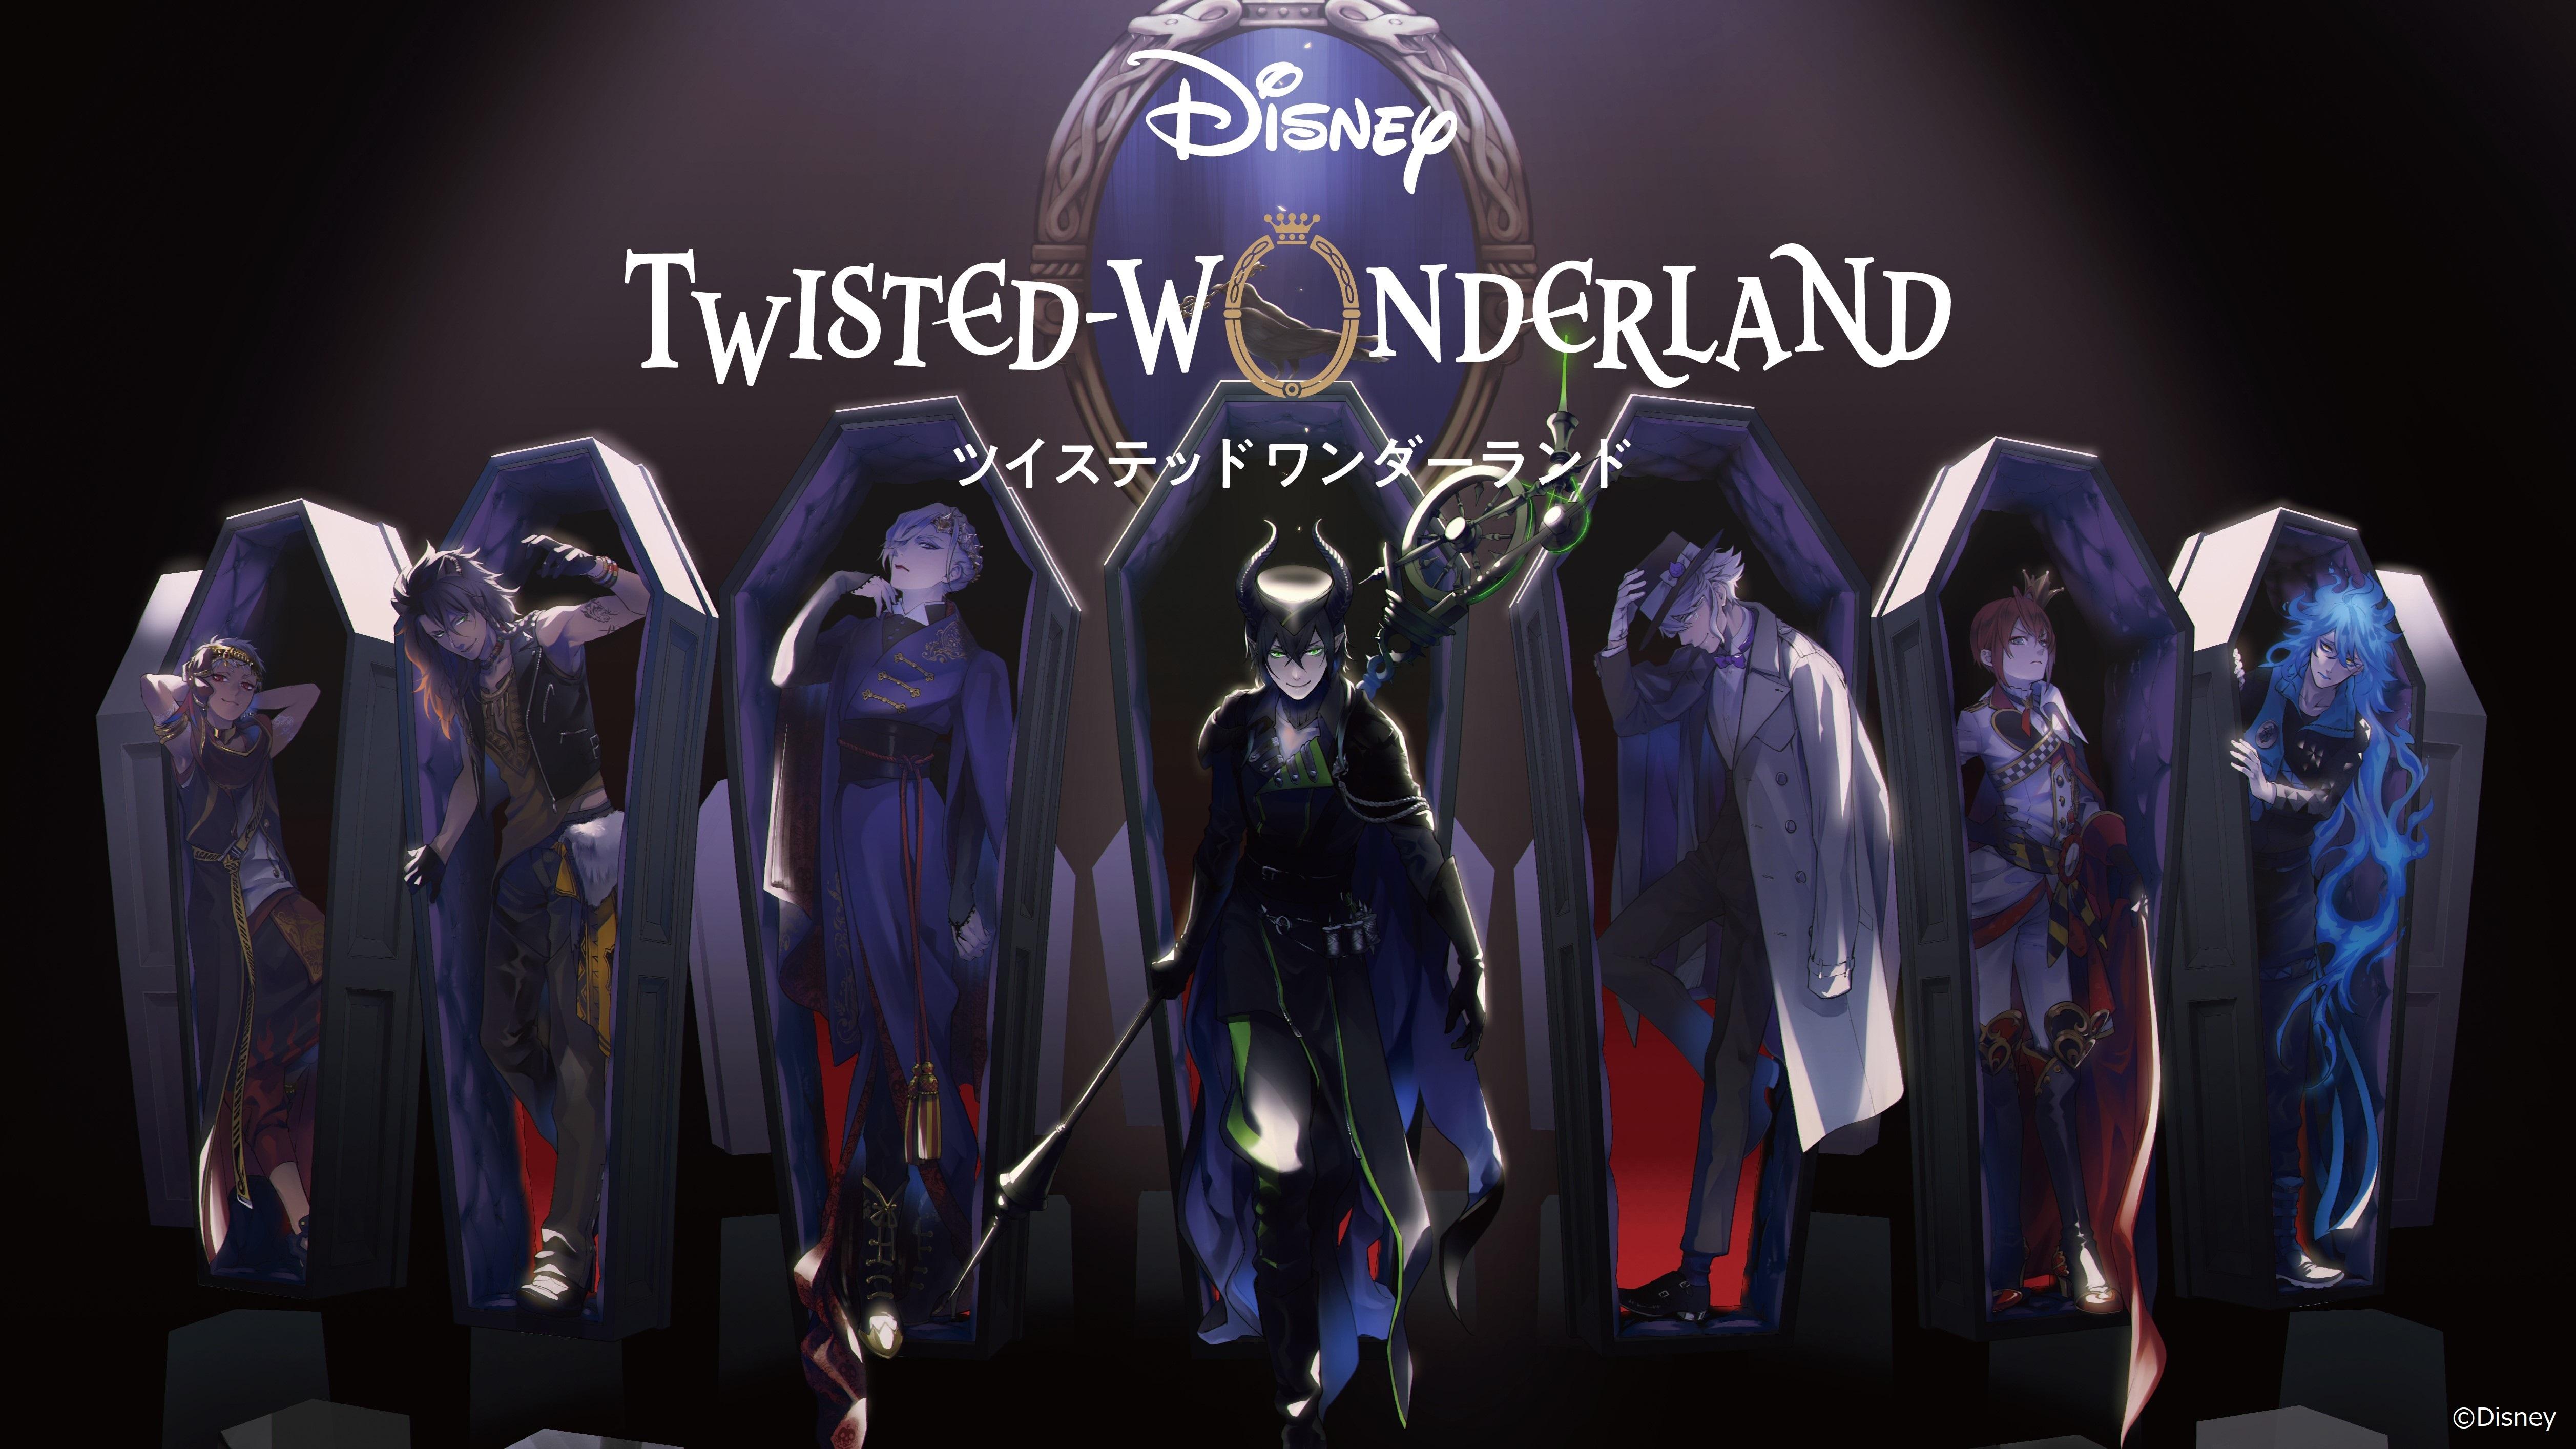 『ディズニー ツイステッドワンダーランド』 (C)Disney